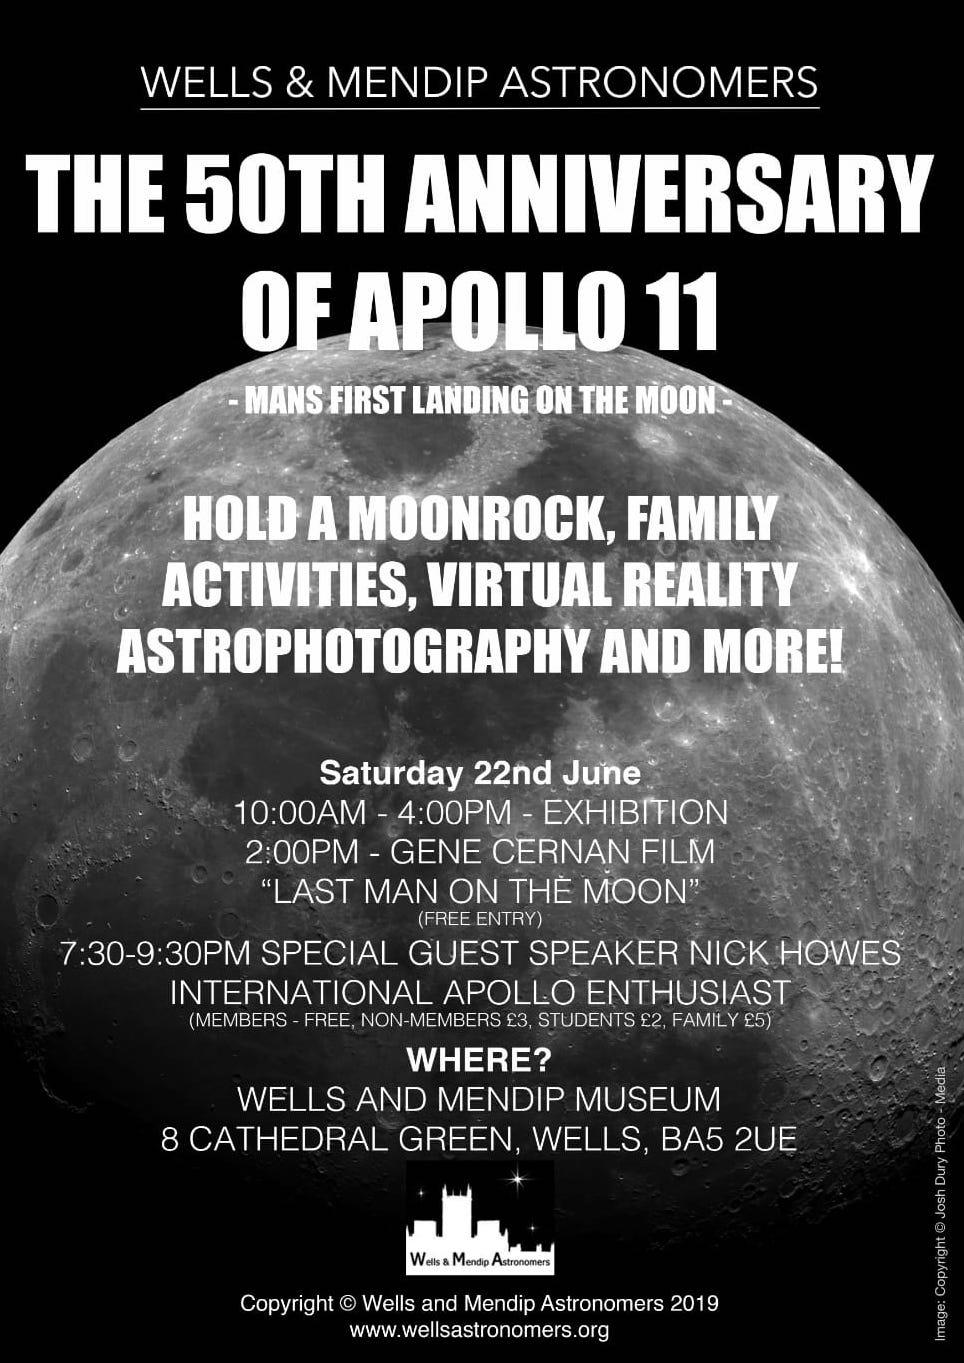 50th Anniversary of Apollo Exhibition - Go Stargazing